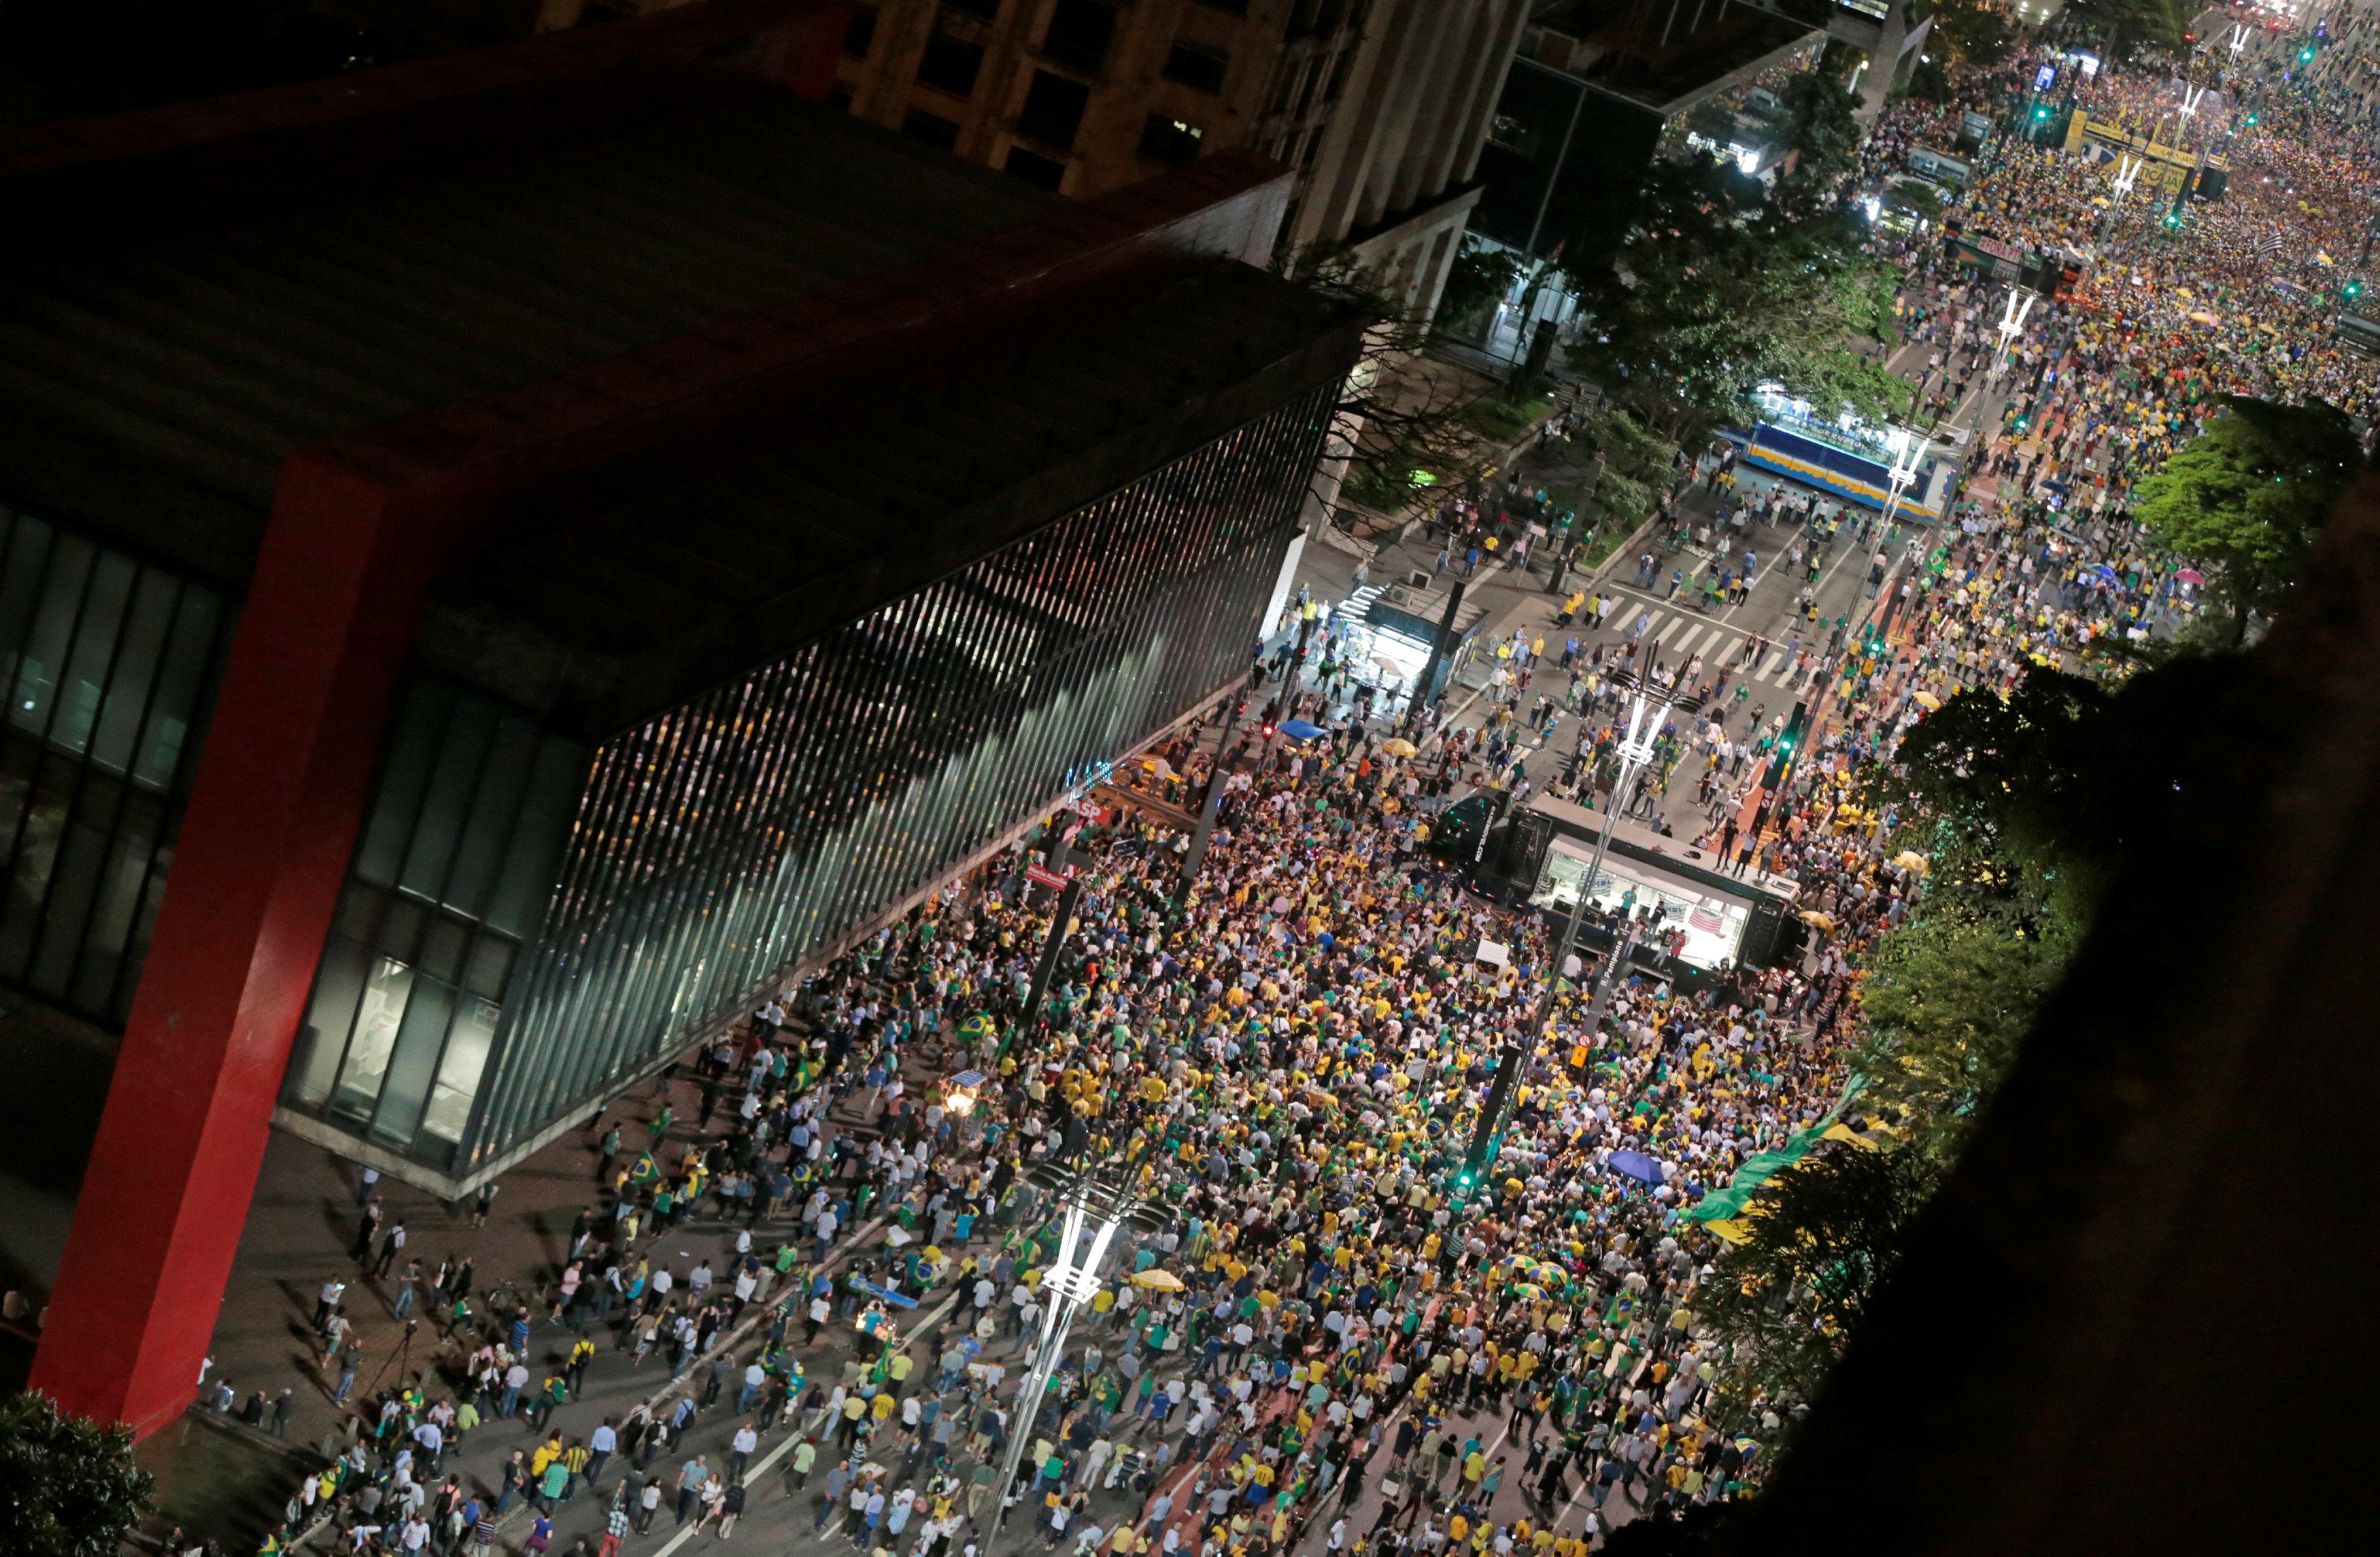 Manifestación en San Pablo (Reuters/Leonardo Benassatto)